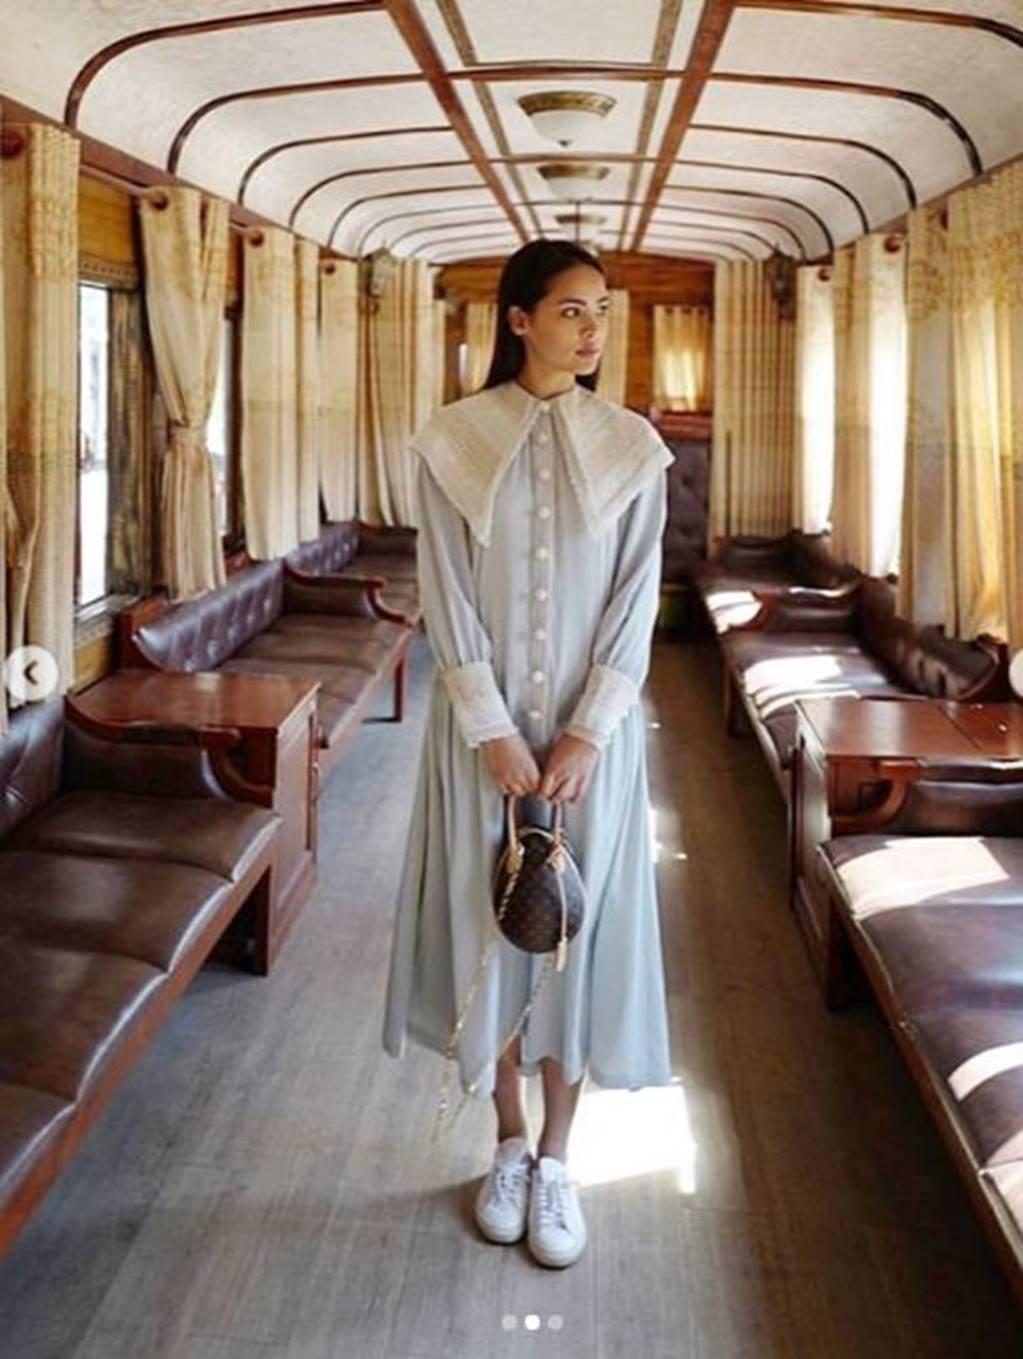 Mê mẩn trước nhan sắc ngọc nữ xứ Chùa Vàng diện áo dài vừa du lịch ở Việt Nam-3